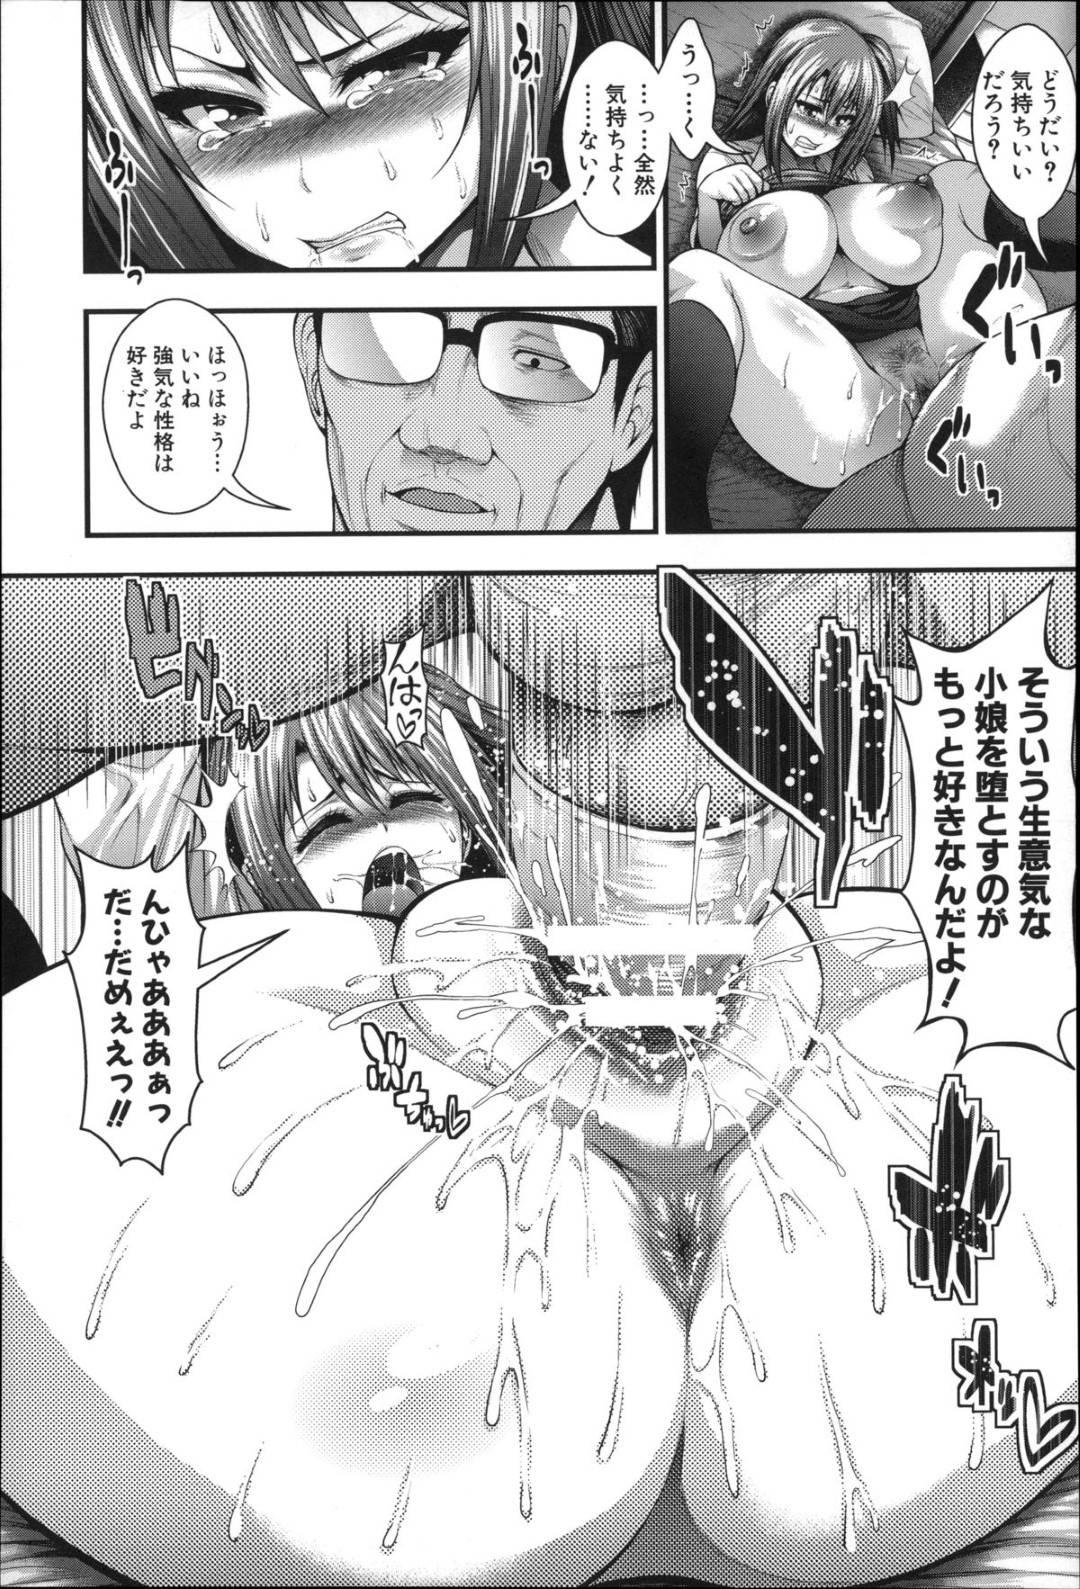 【エロ漫画】悪戯感覚でおじさんを痴漢扱いした巨乳JK…一ヶ月後彼氏のバイト先でおじさんに声をかけられるが全く覚えていない!【太平天極】